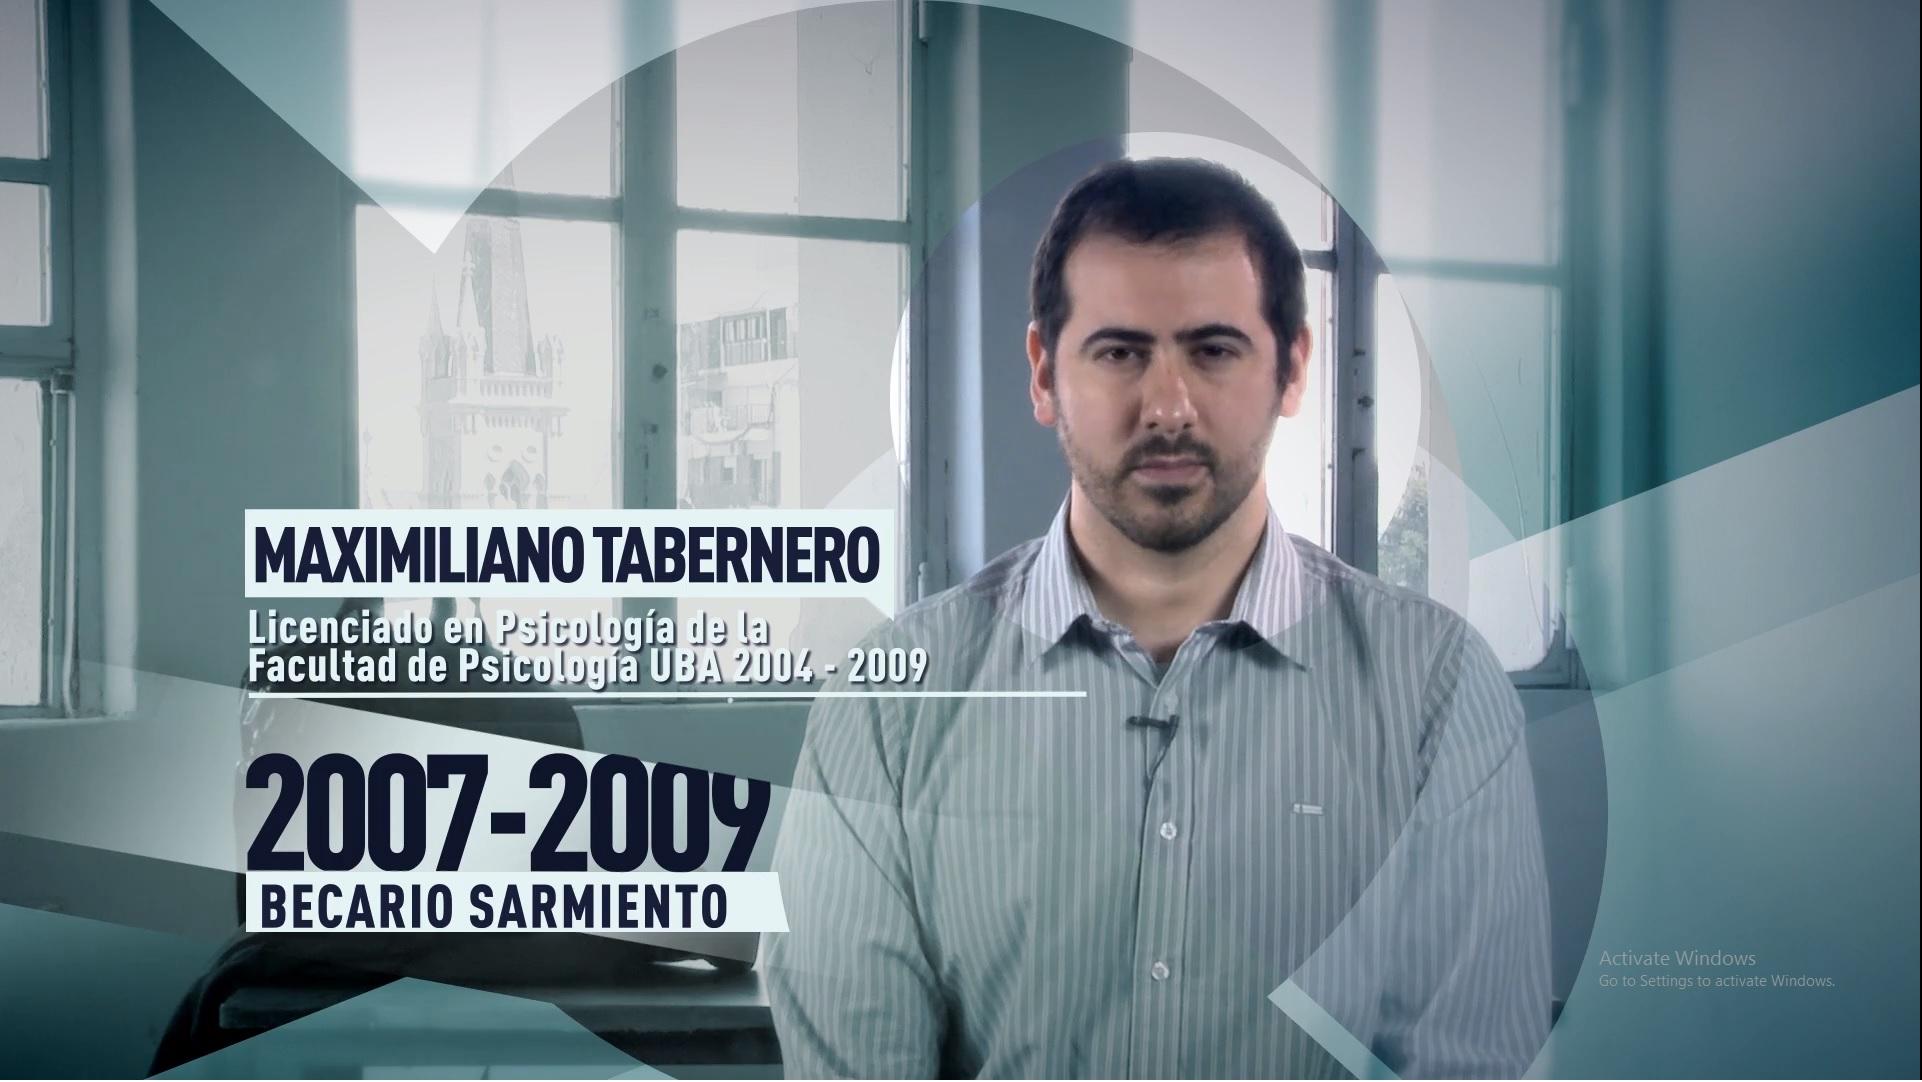 Soy UBA Psicología - Maximiliano Tabernero, becario